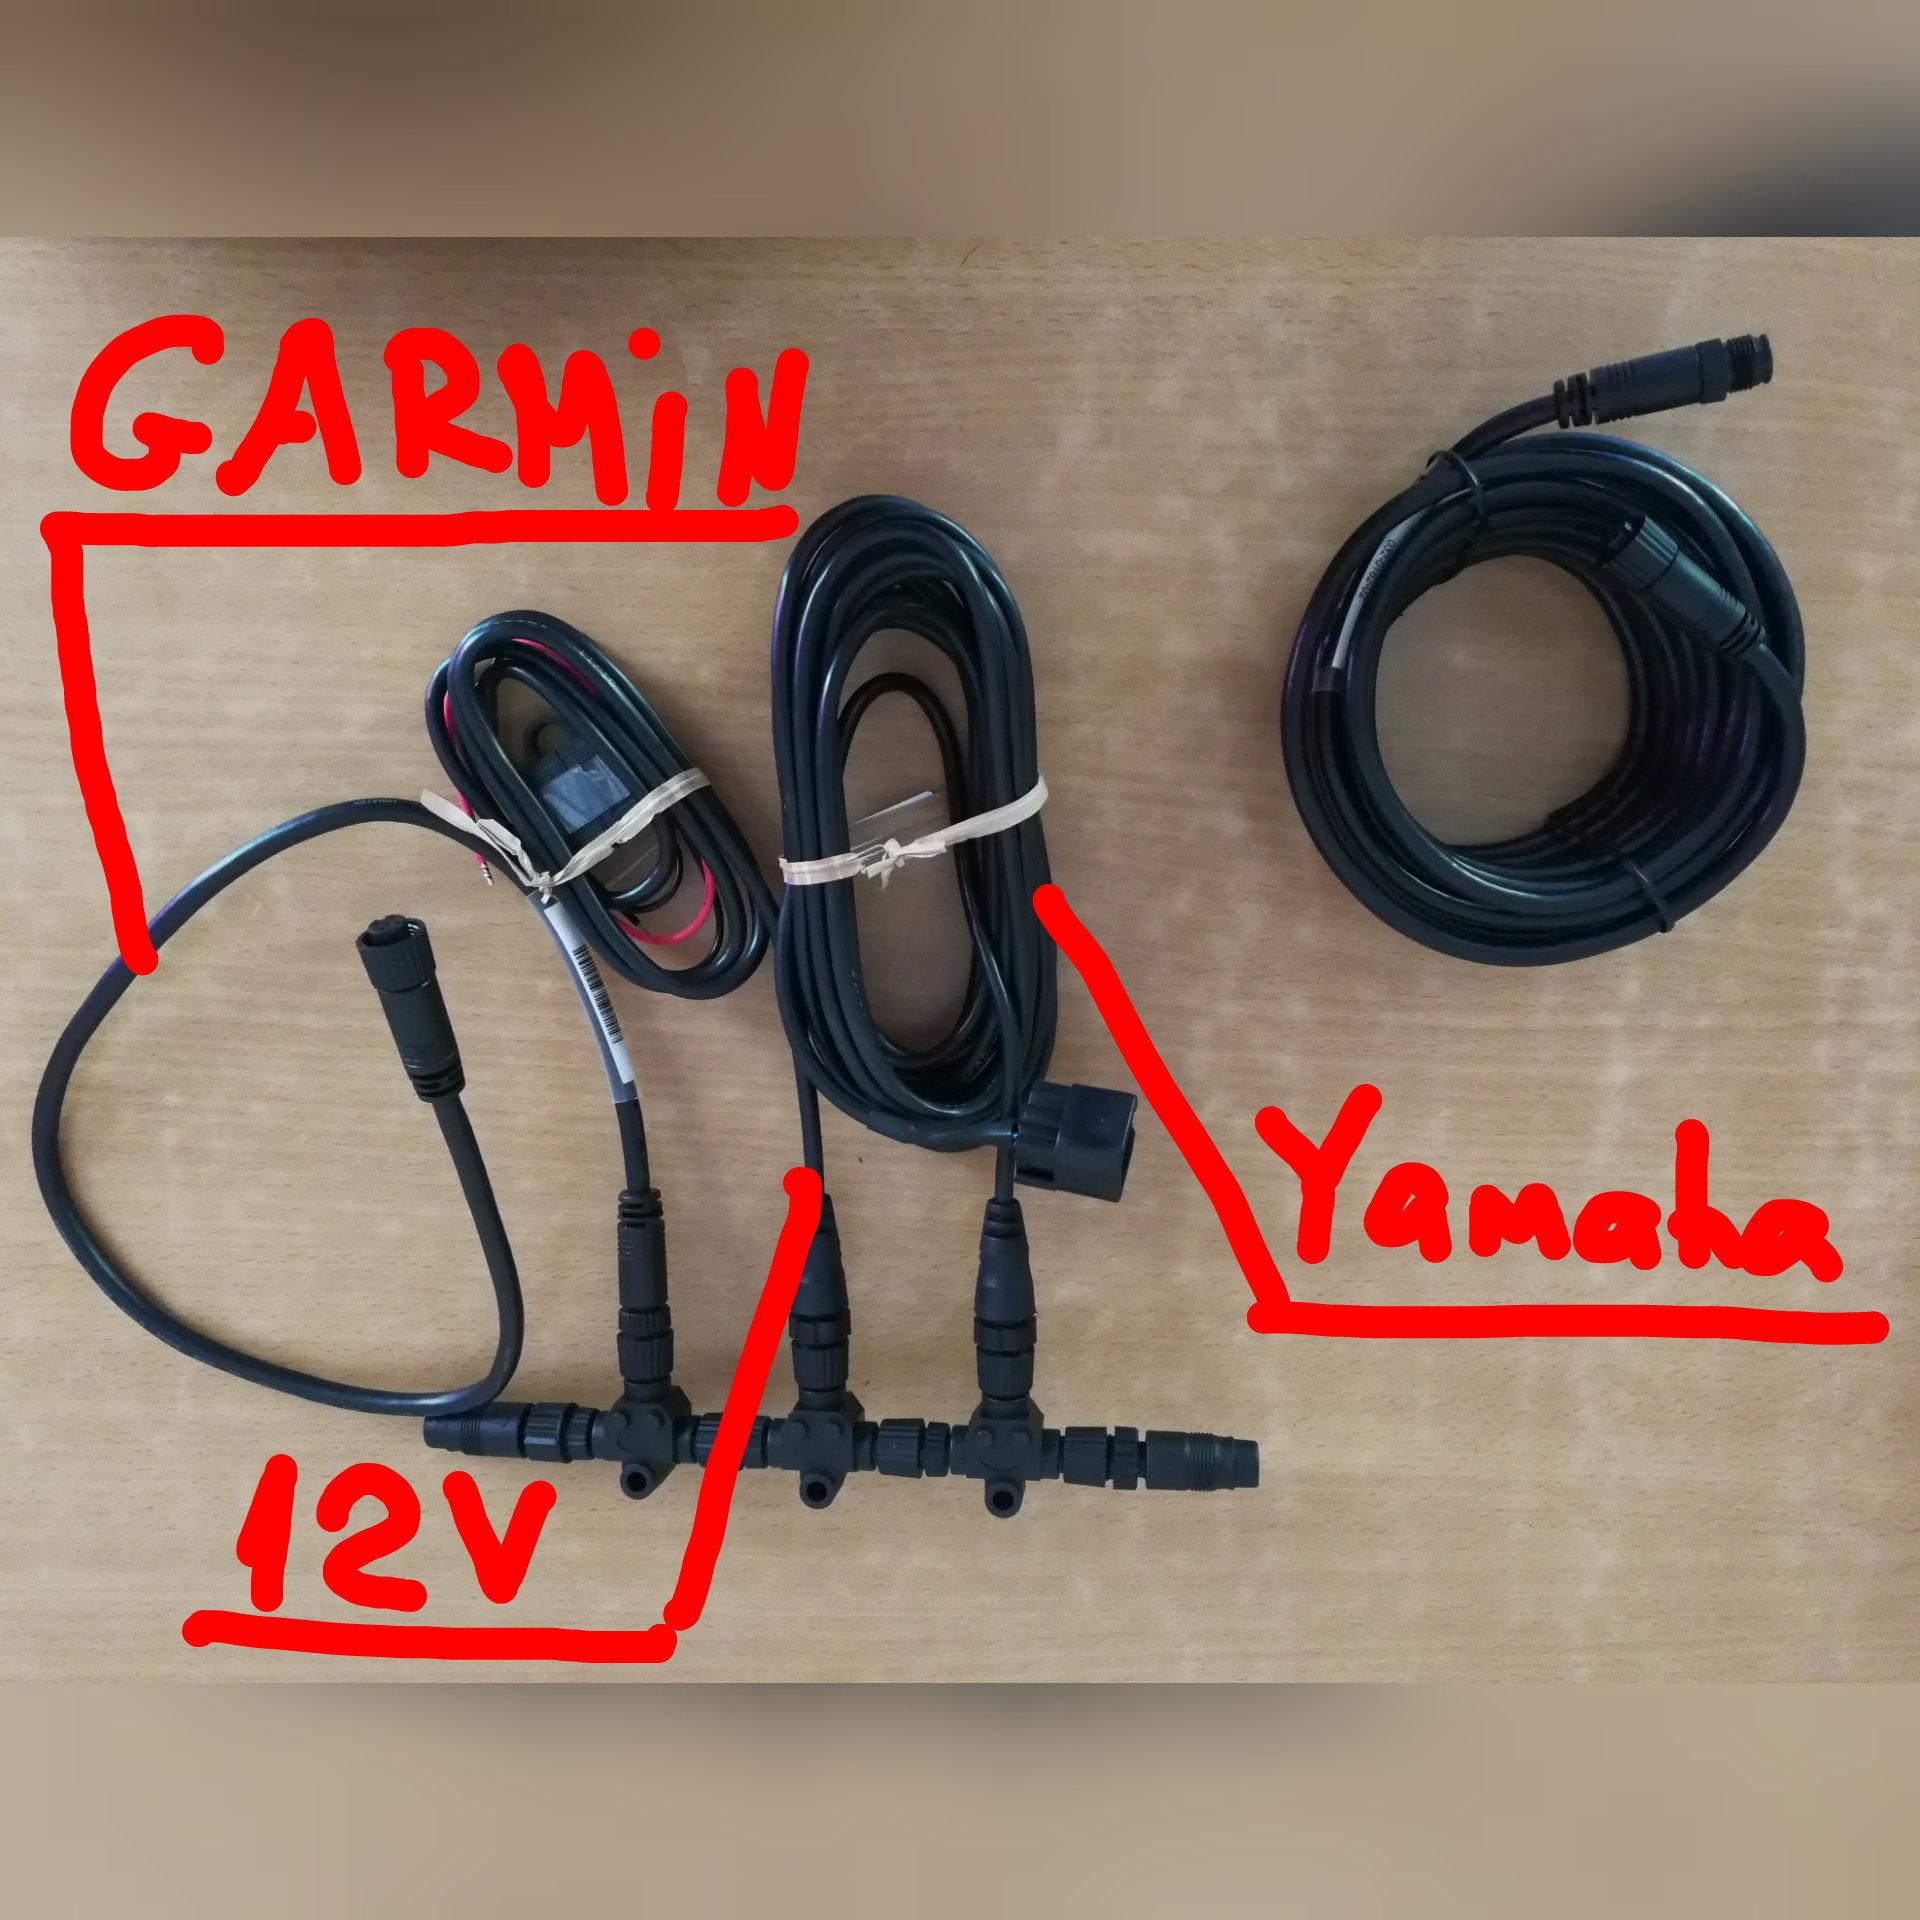 Success - Yamaha outboard direct to Garmin NMEA 2000 data